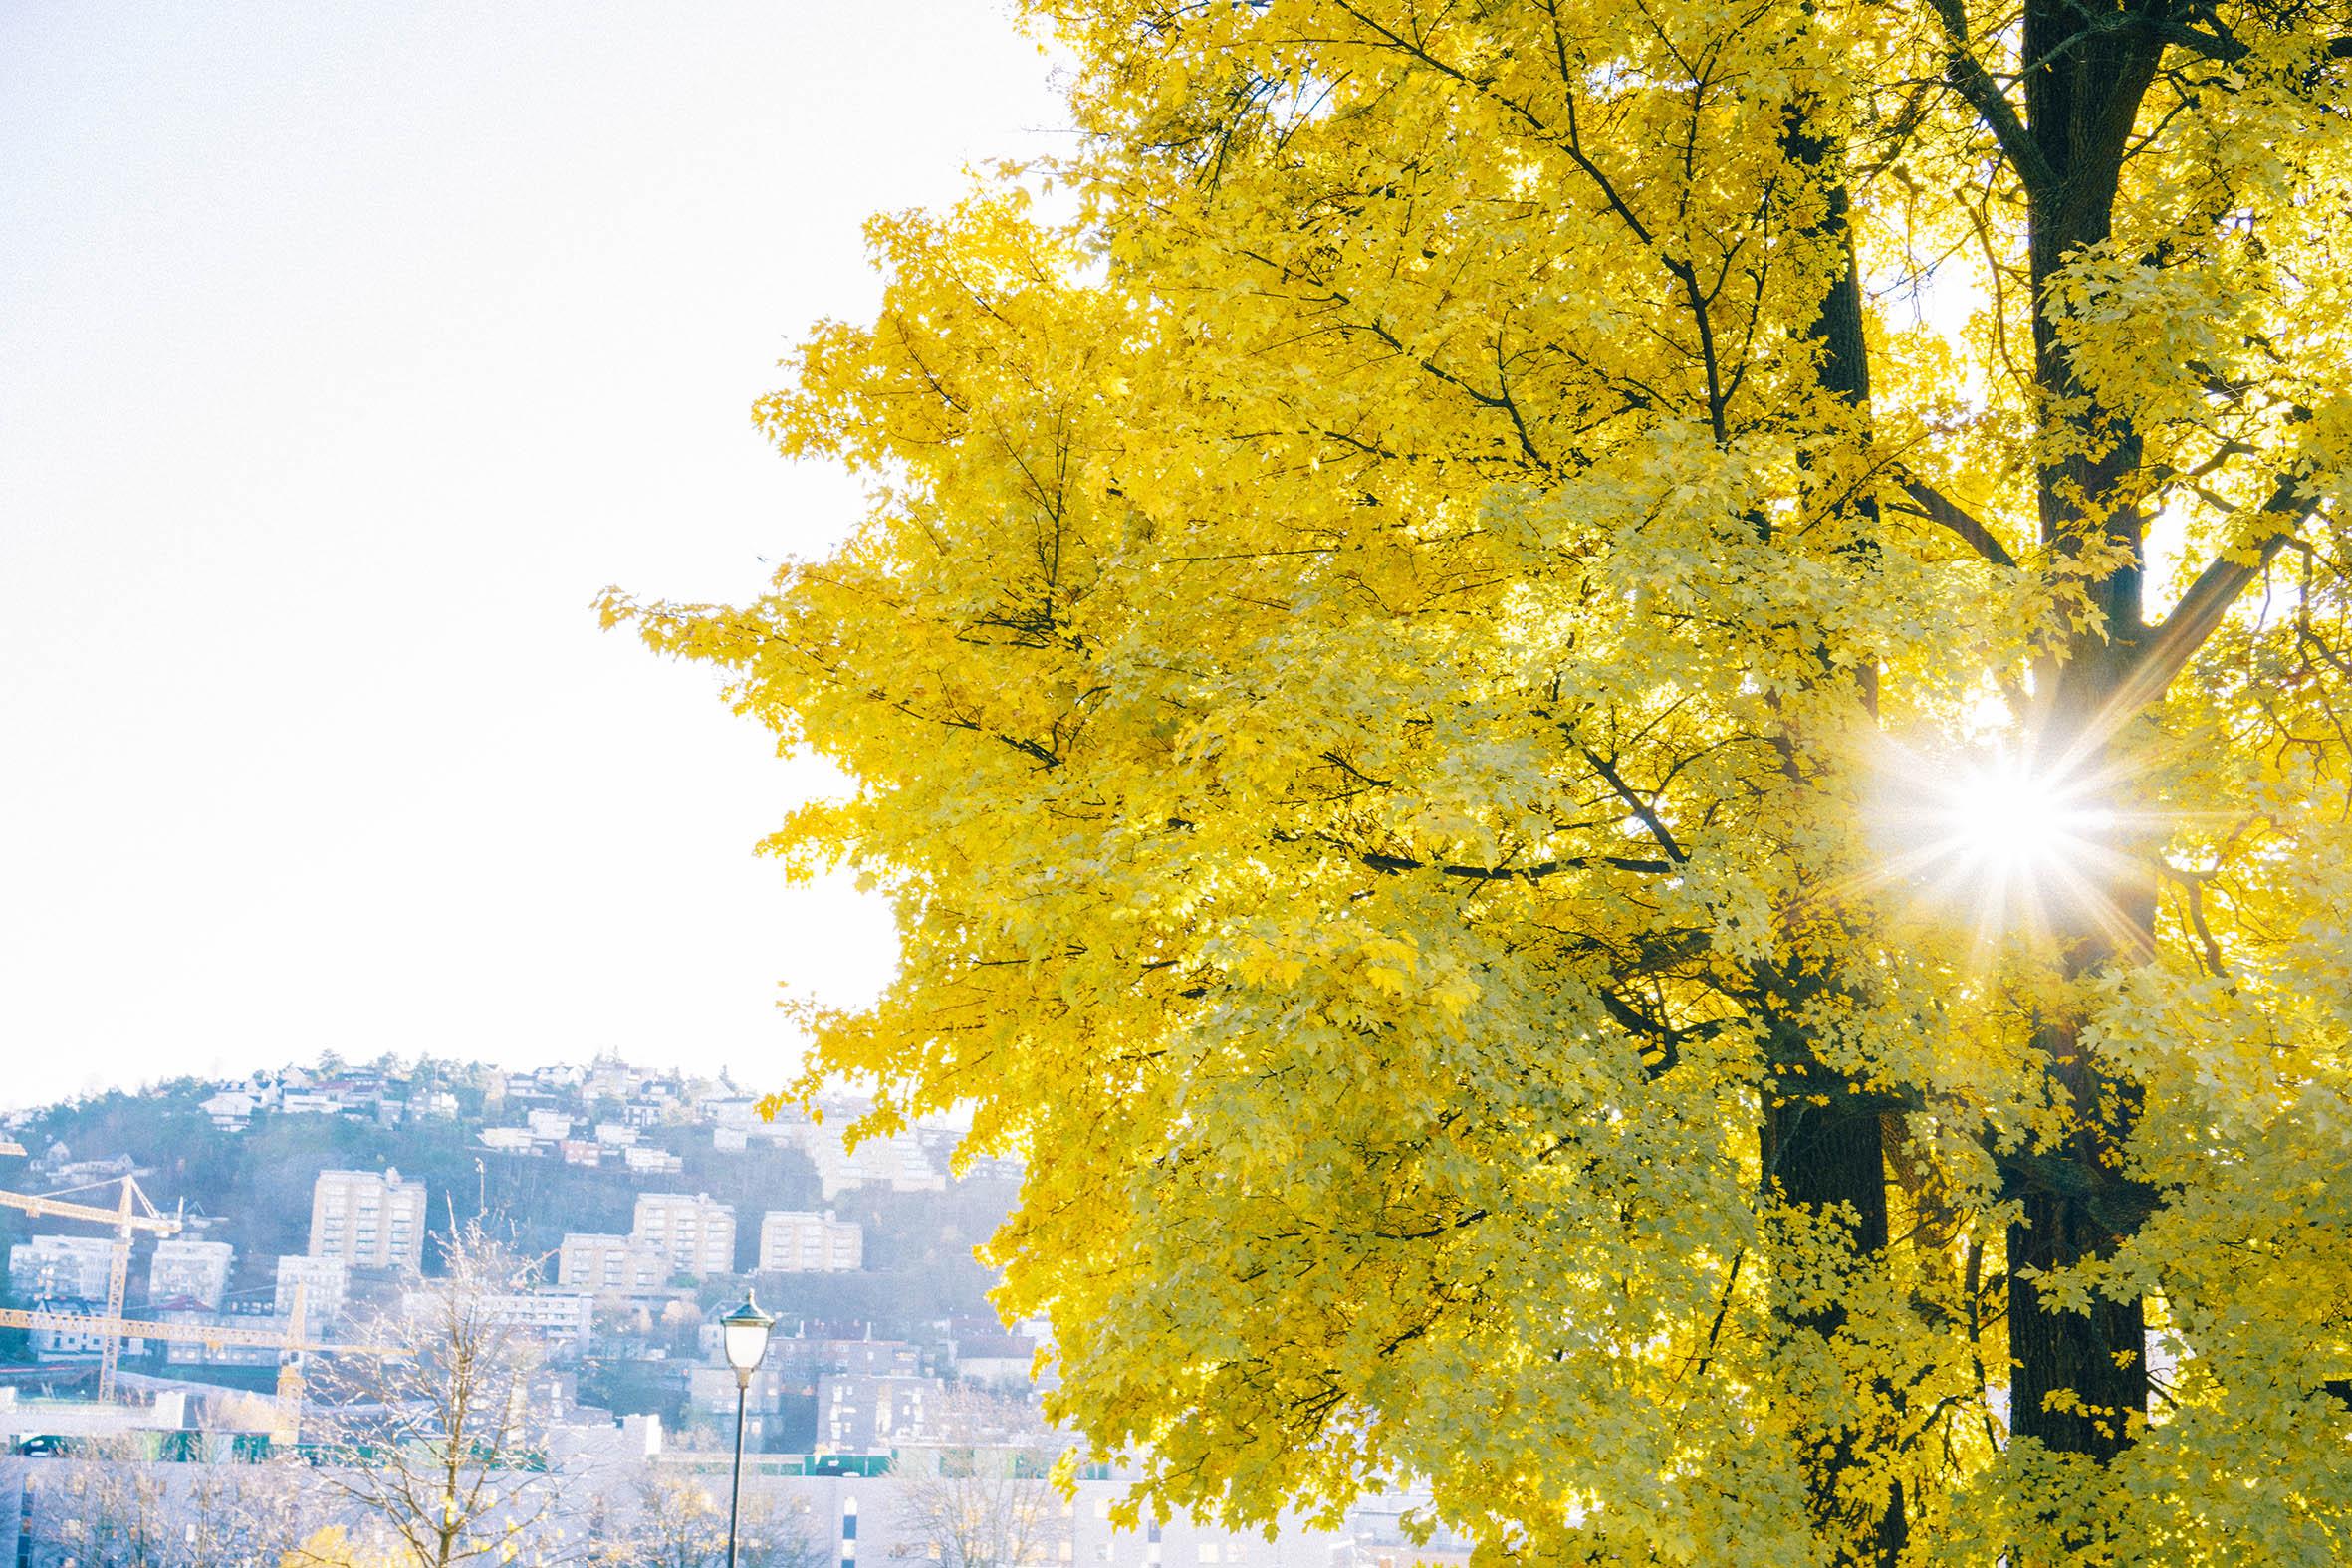 Gult tre og solen som skinner, gamle Oslo, fotografering fra Vålerenga park